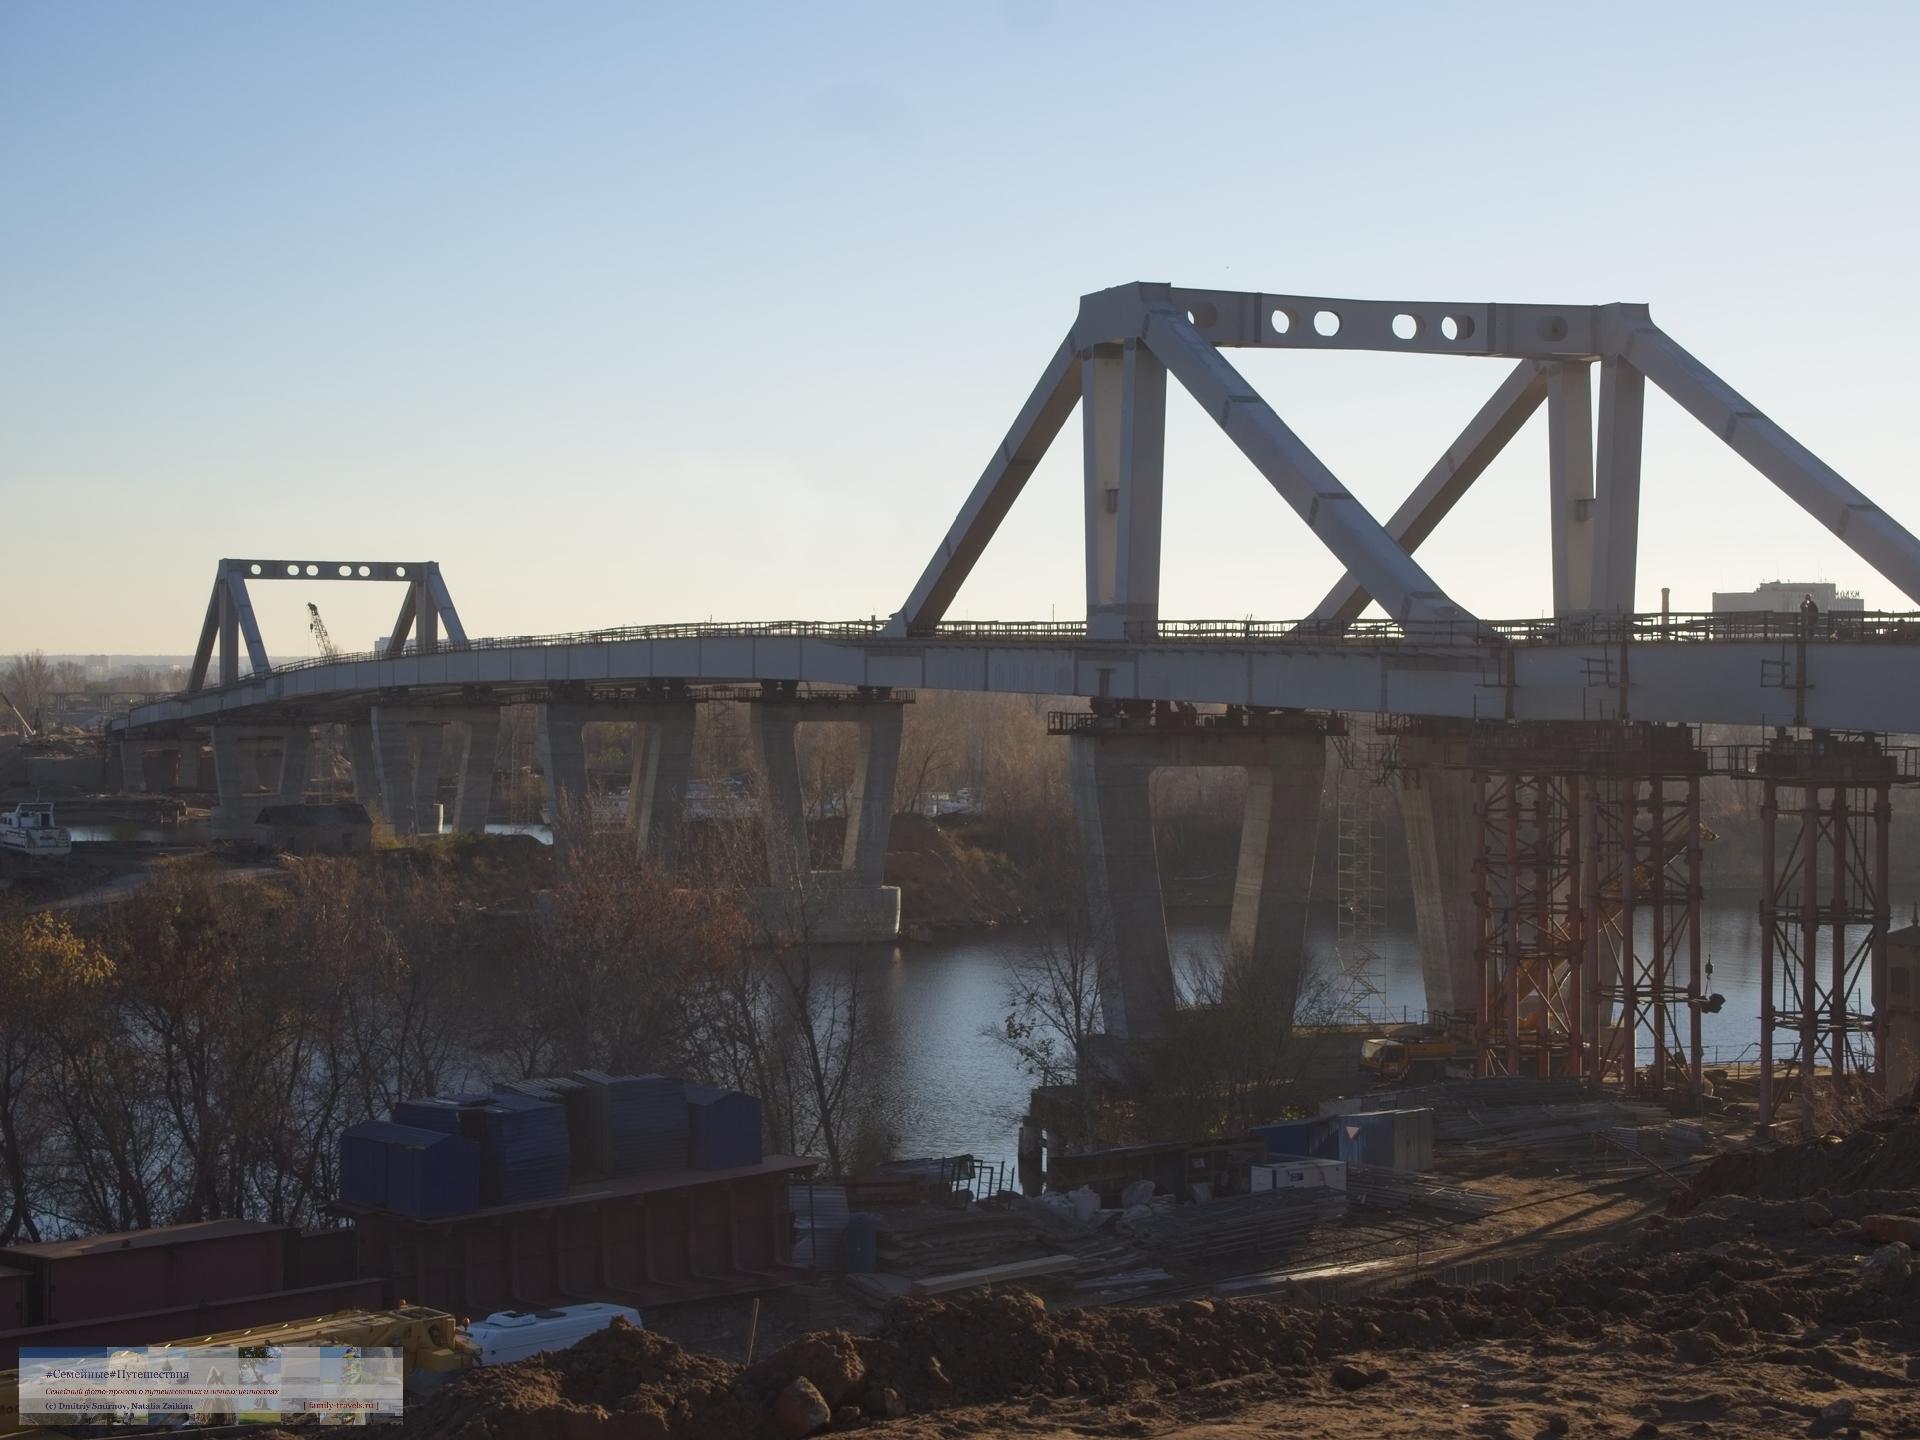 Путешествия  Бегом по Самаре (два моста и техноген)